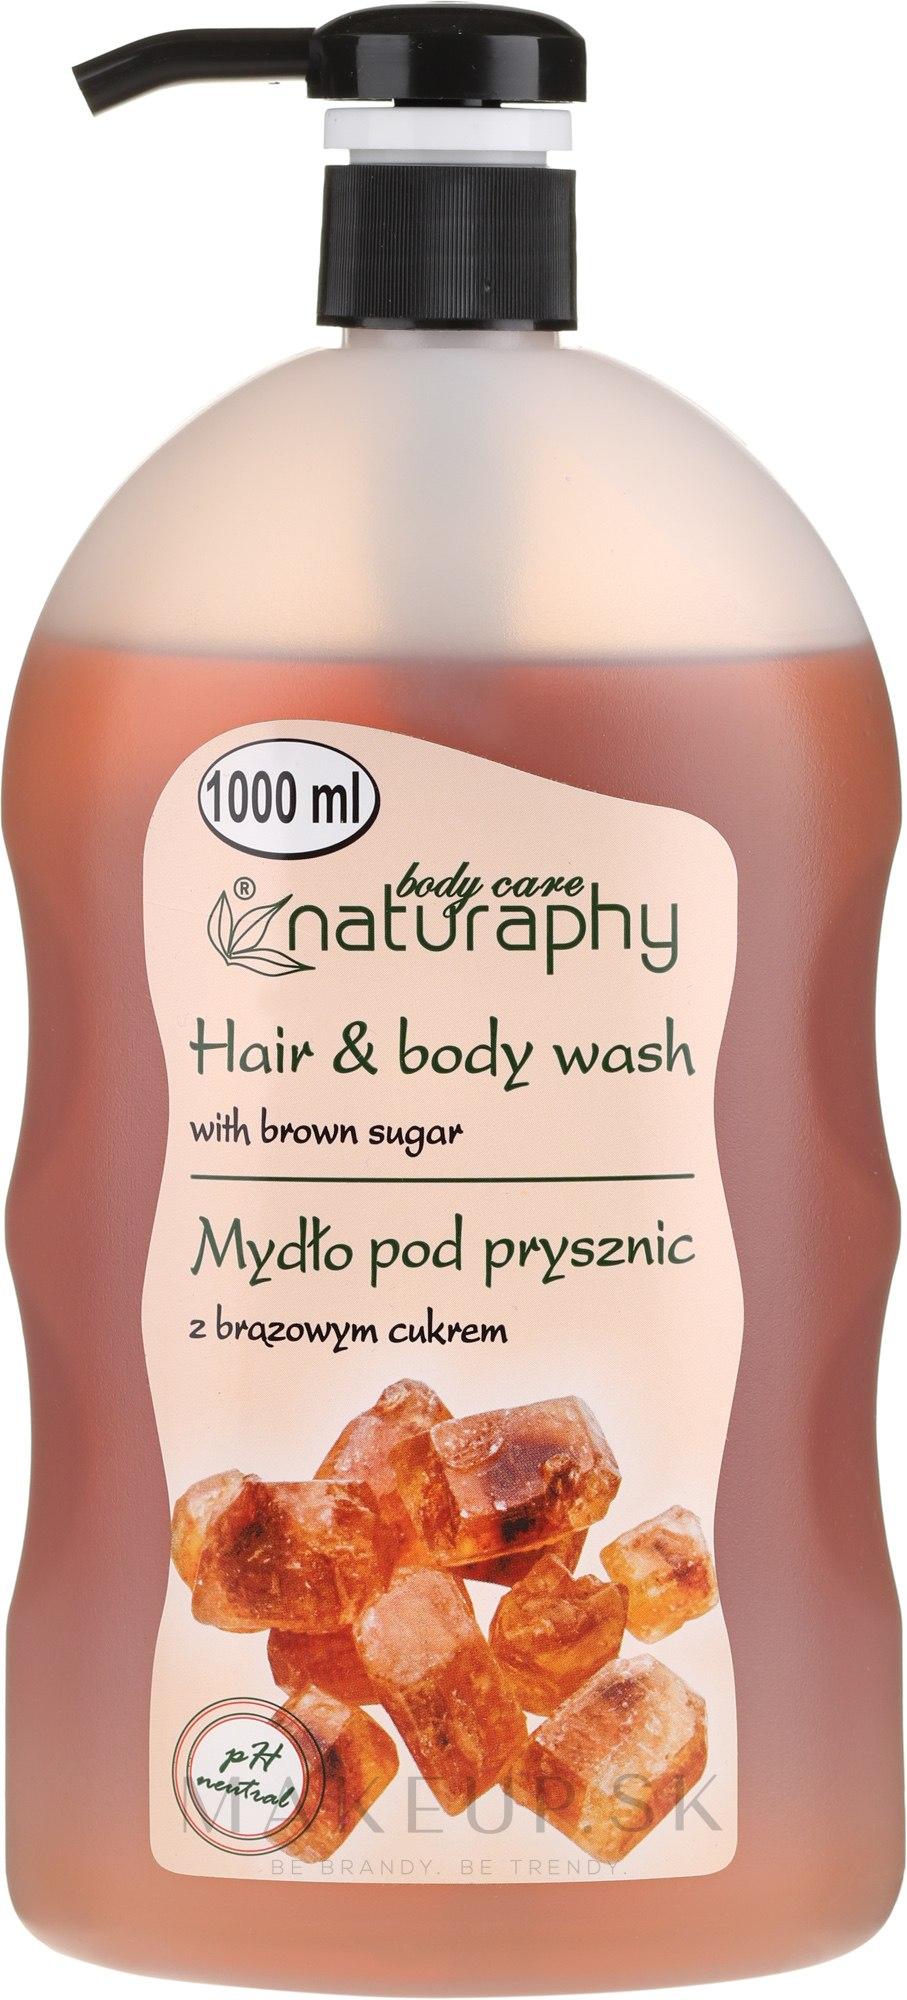 Šampón-sprchový gél s hnedým cukrom - Bluxcosmetics Naturaphy — Obrázky 1000 ml